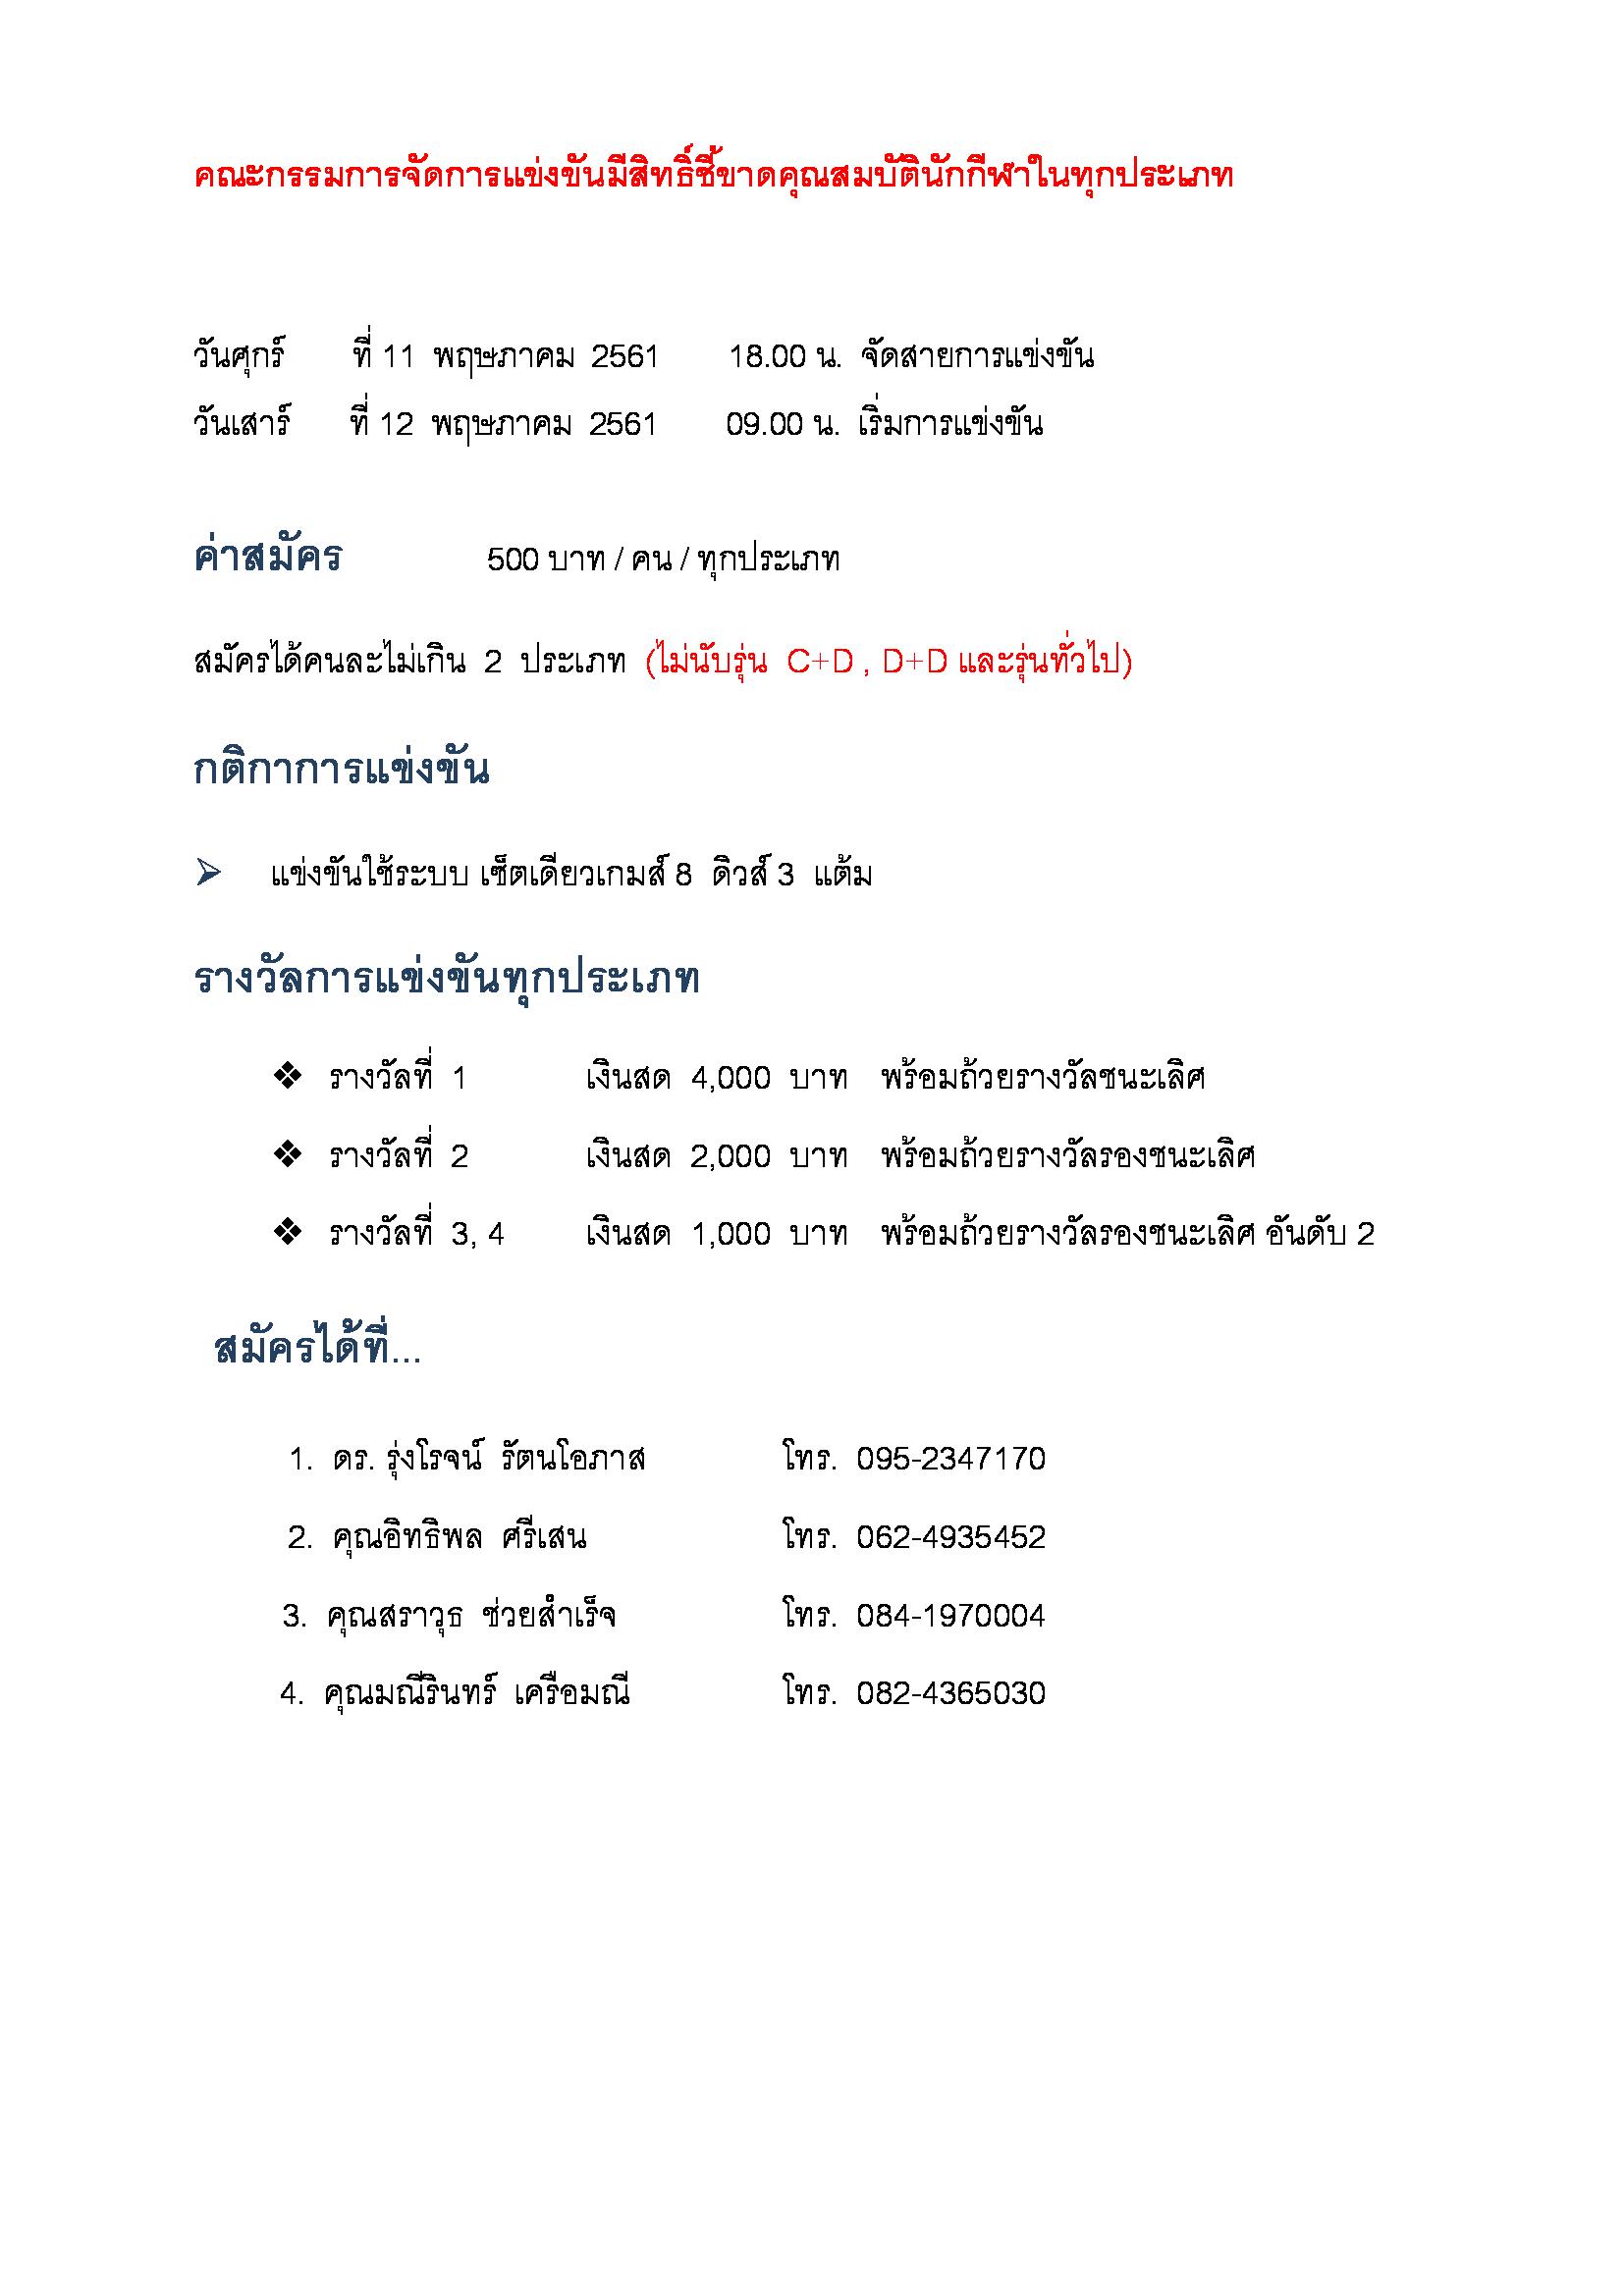 cdd756b1a04c489e8e55f8179d12bcdd-2